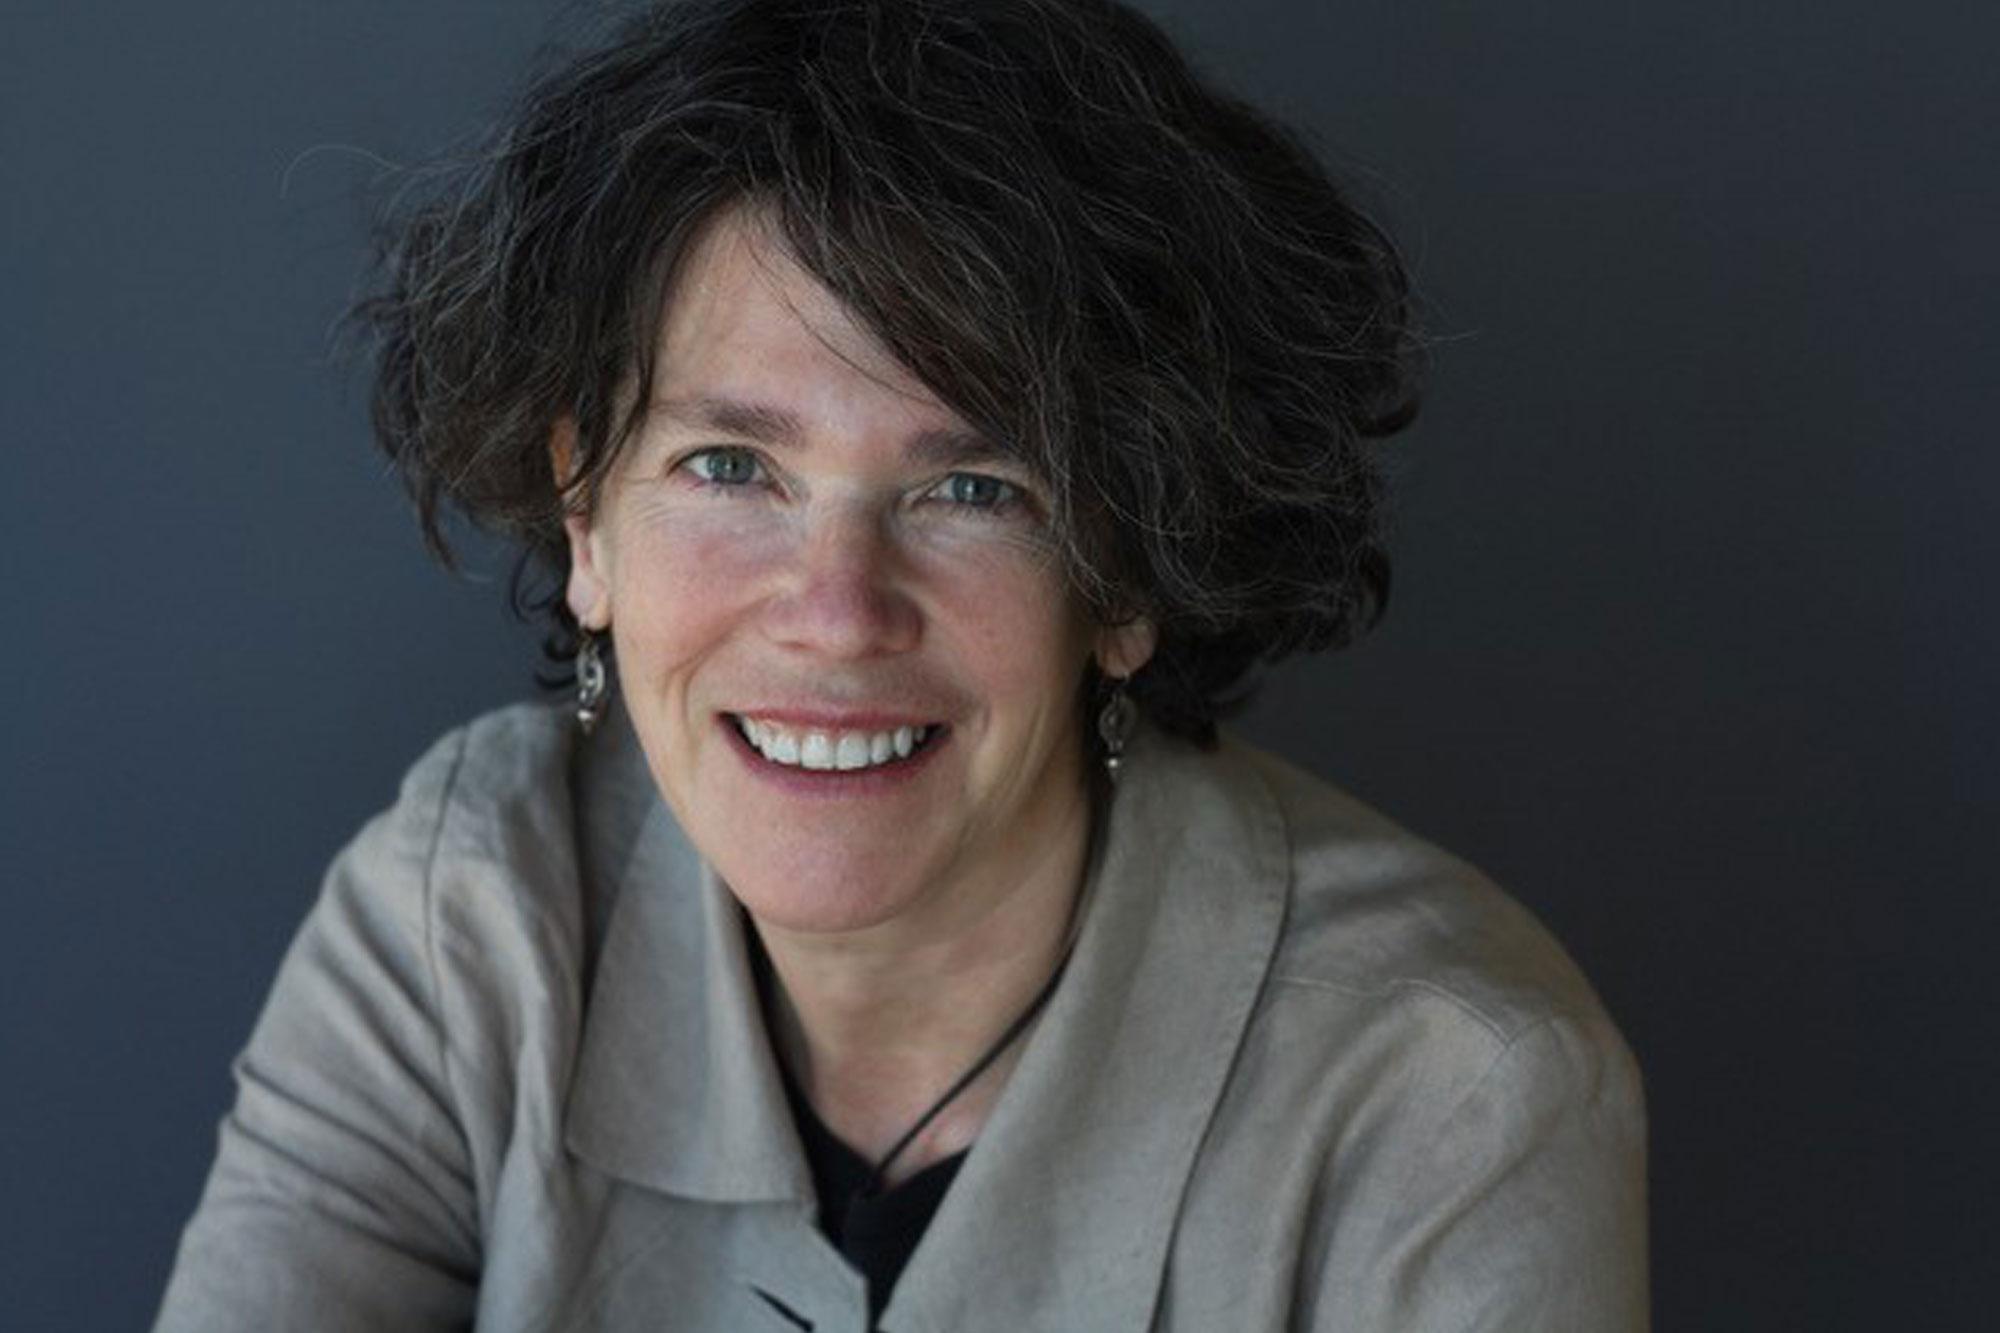 Tanya Marie Luhrmann